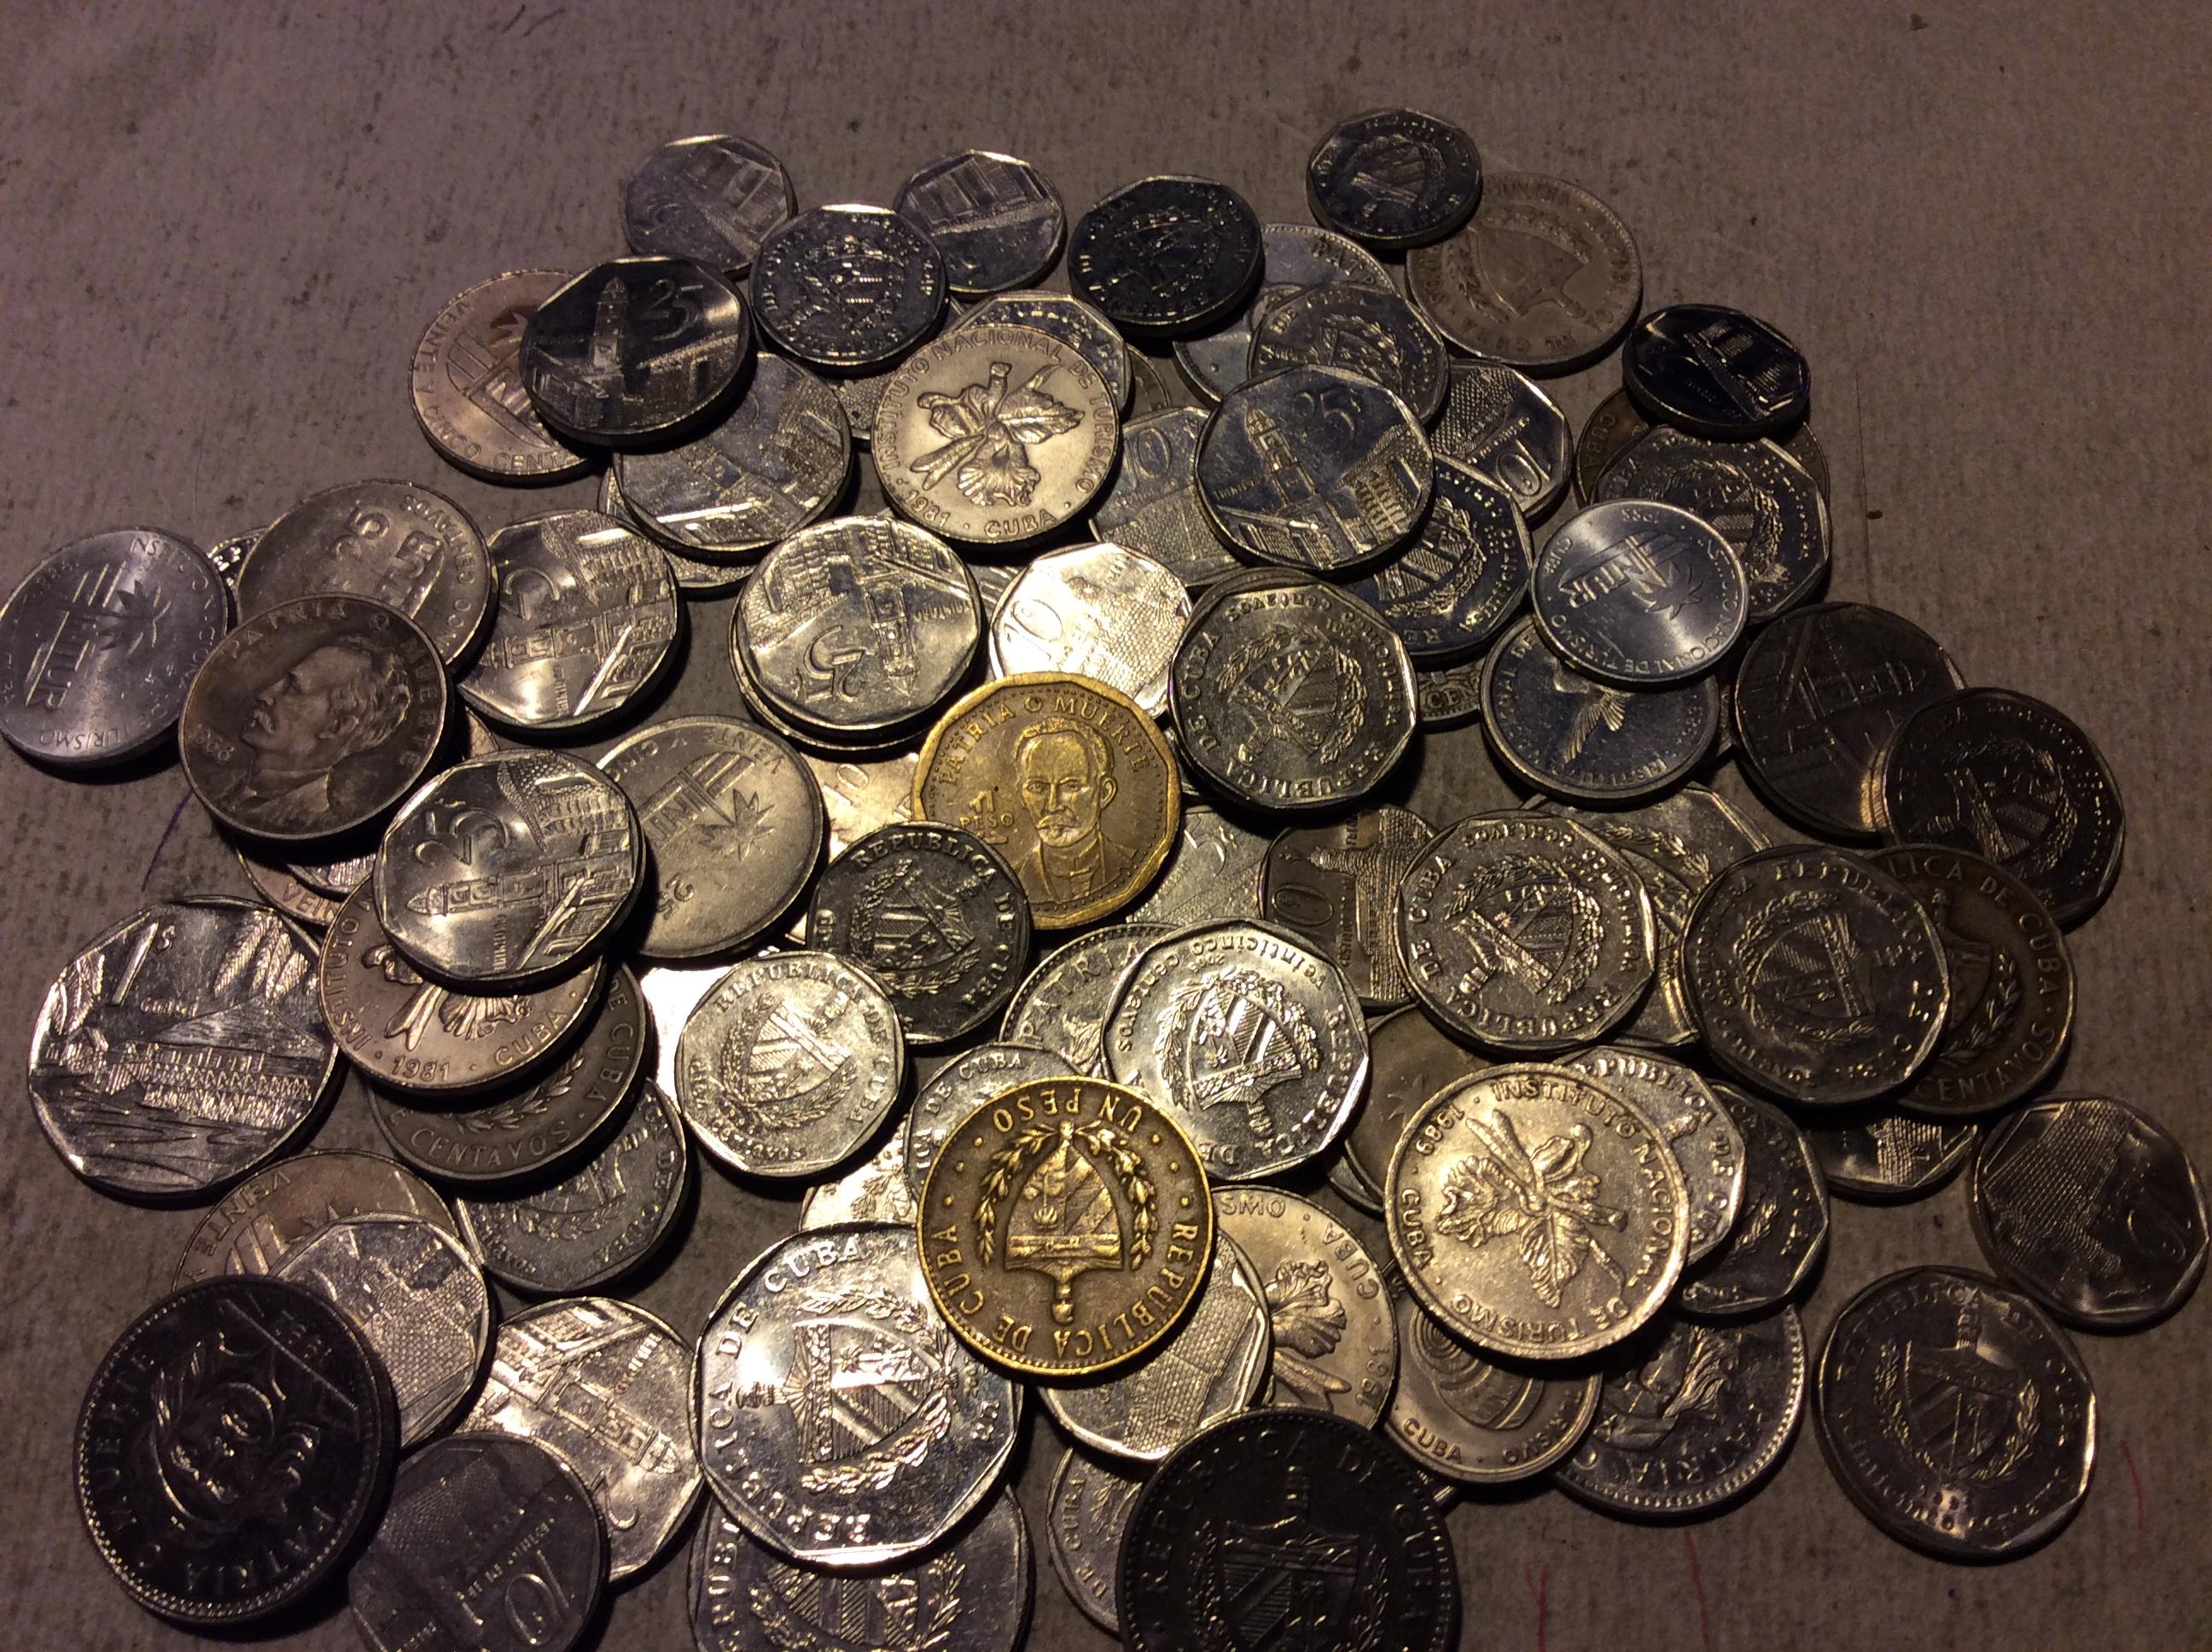 bulk coins for sale